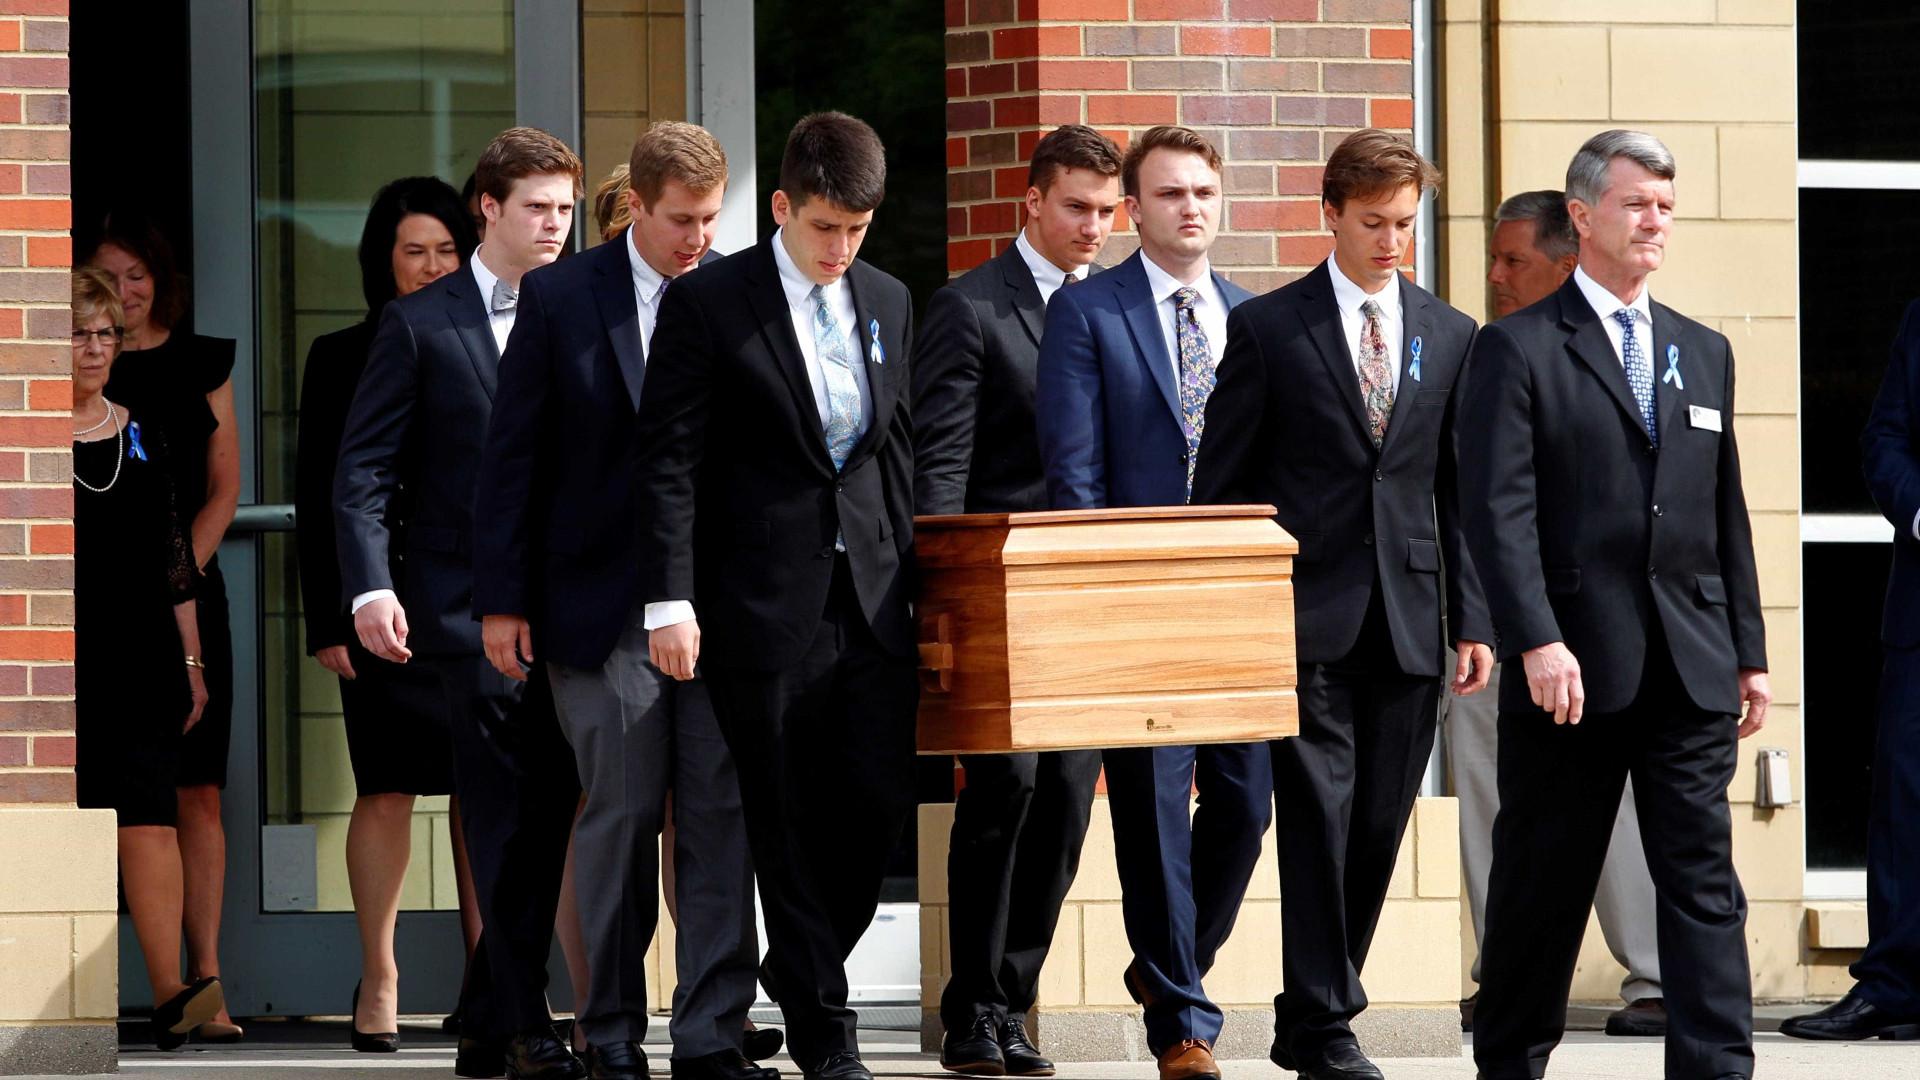 Milhares no funeral do estudante detido pela Coreia do Norte